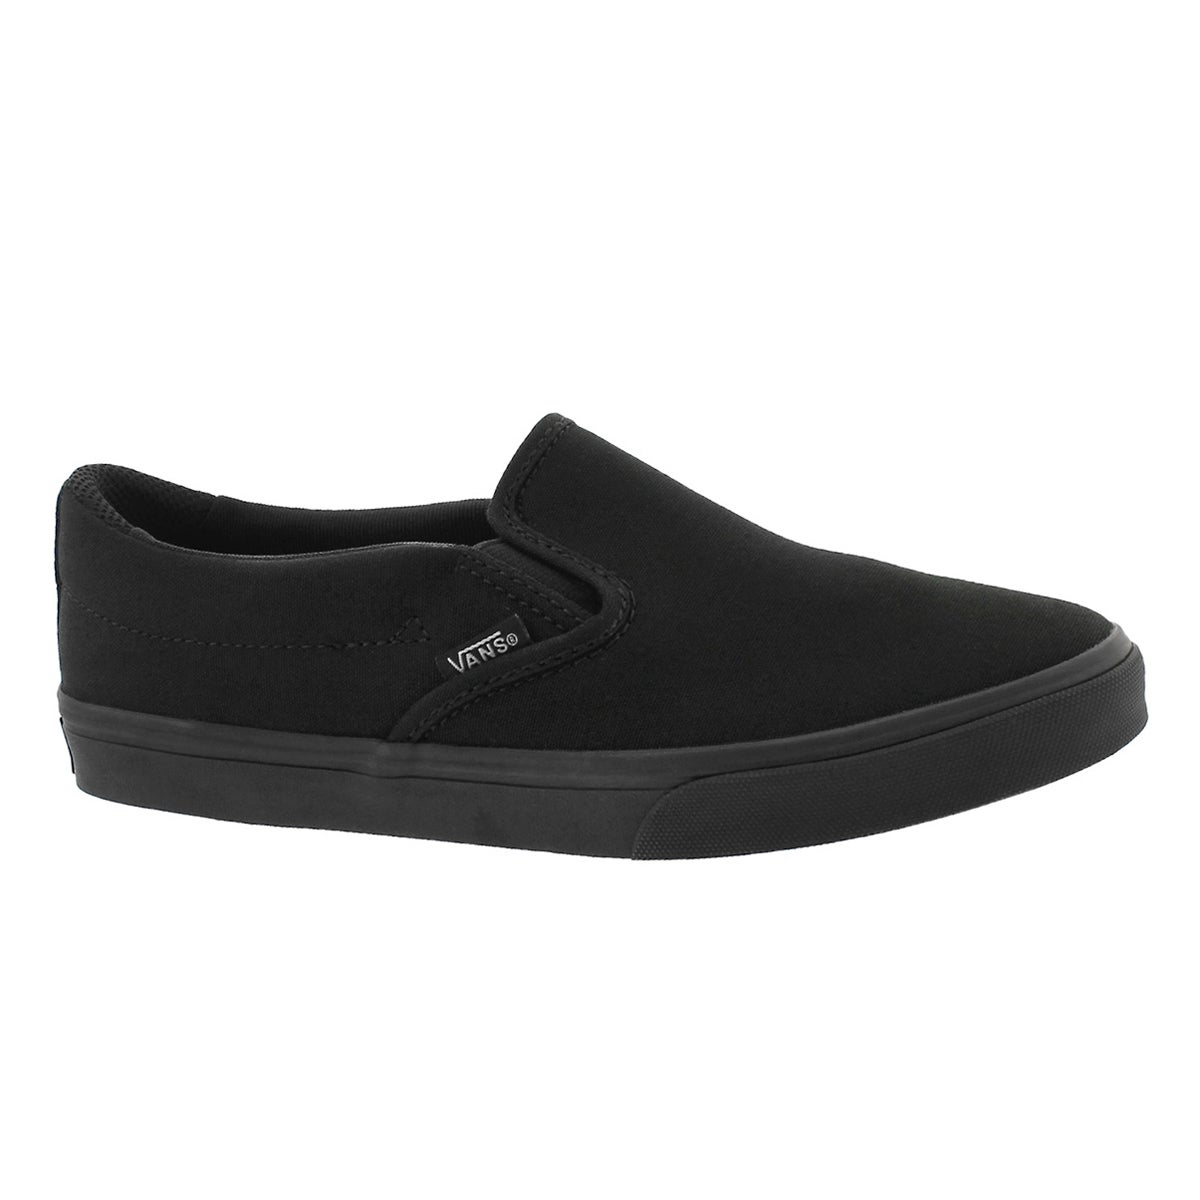 Women's ASHER blk/blk slip on sneakers